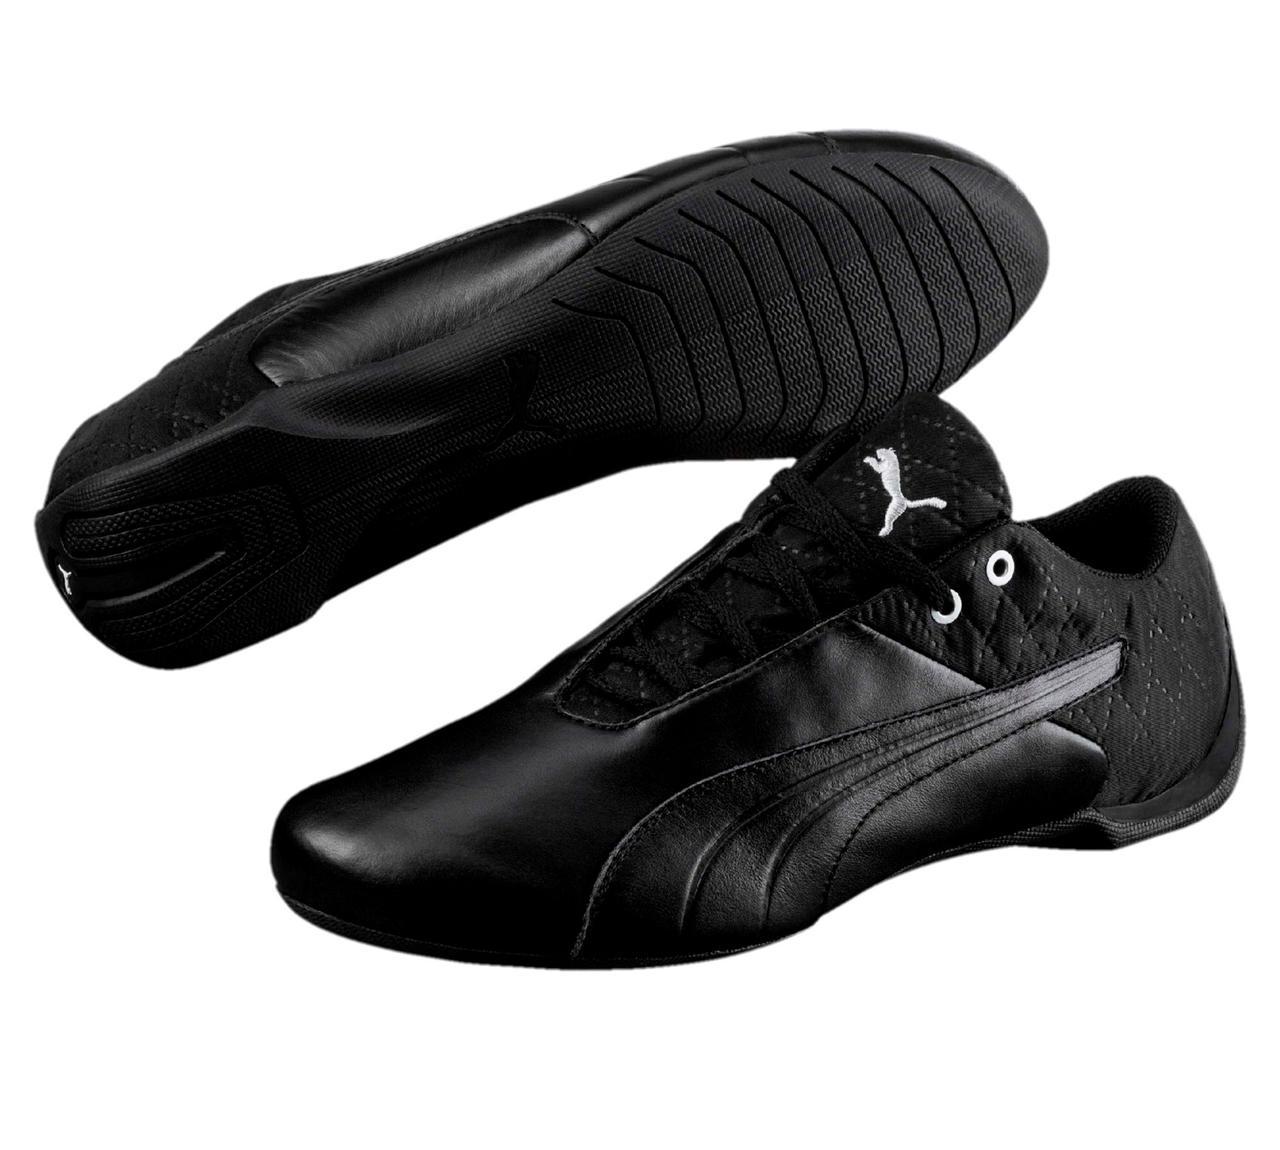 2bb6436f Мужские кроссовки PUMA FUTURE CAT REENG 363815 01 - Спортивный  интернет-магазин в Полтаве